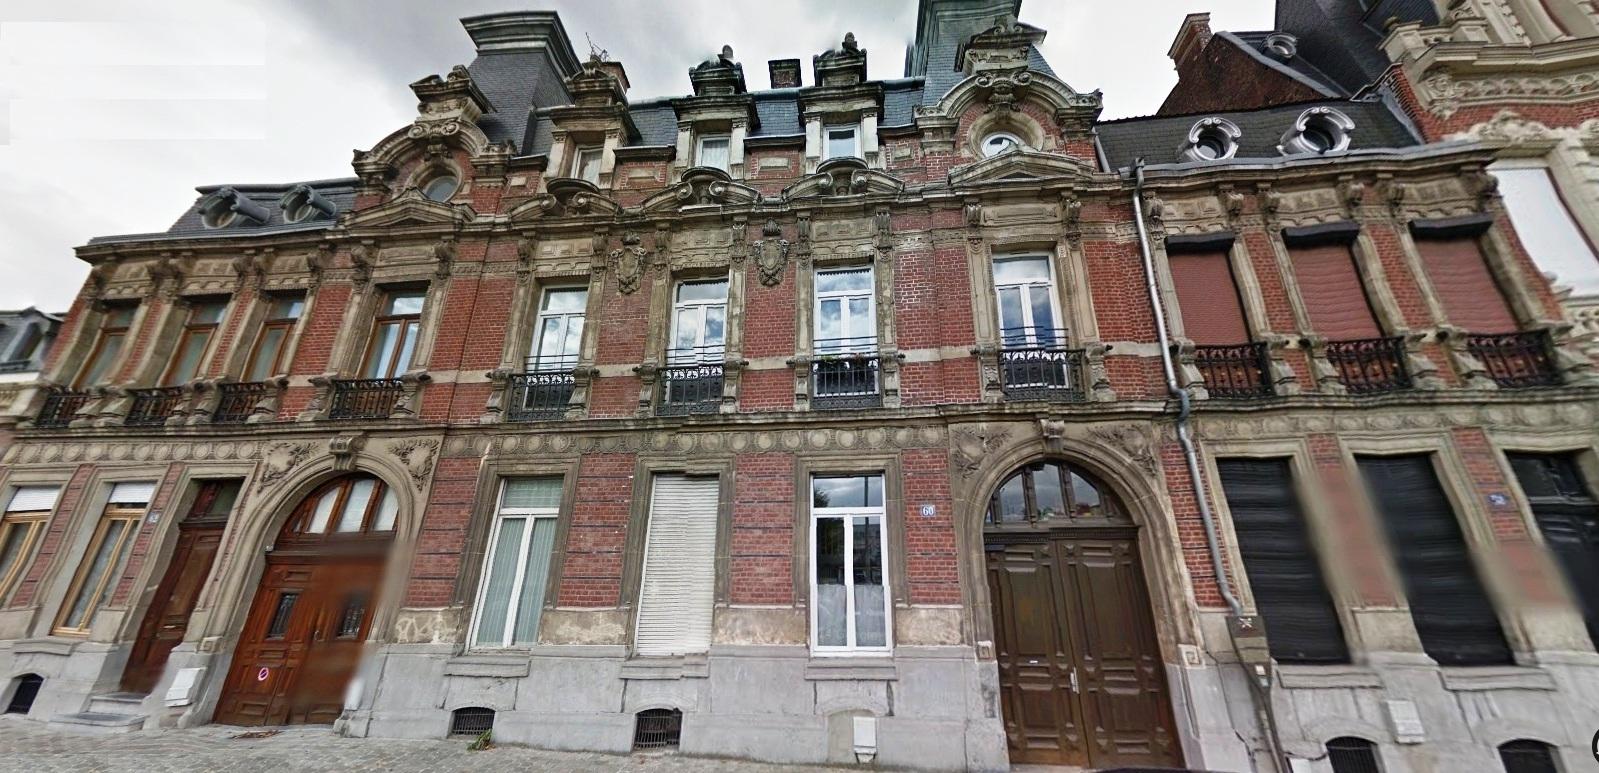 boulevard-de-Paris-58-60-62-Roubaix